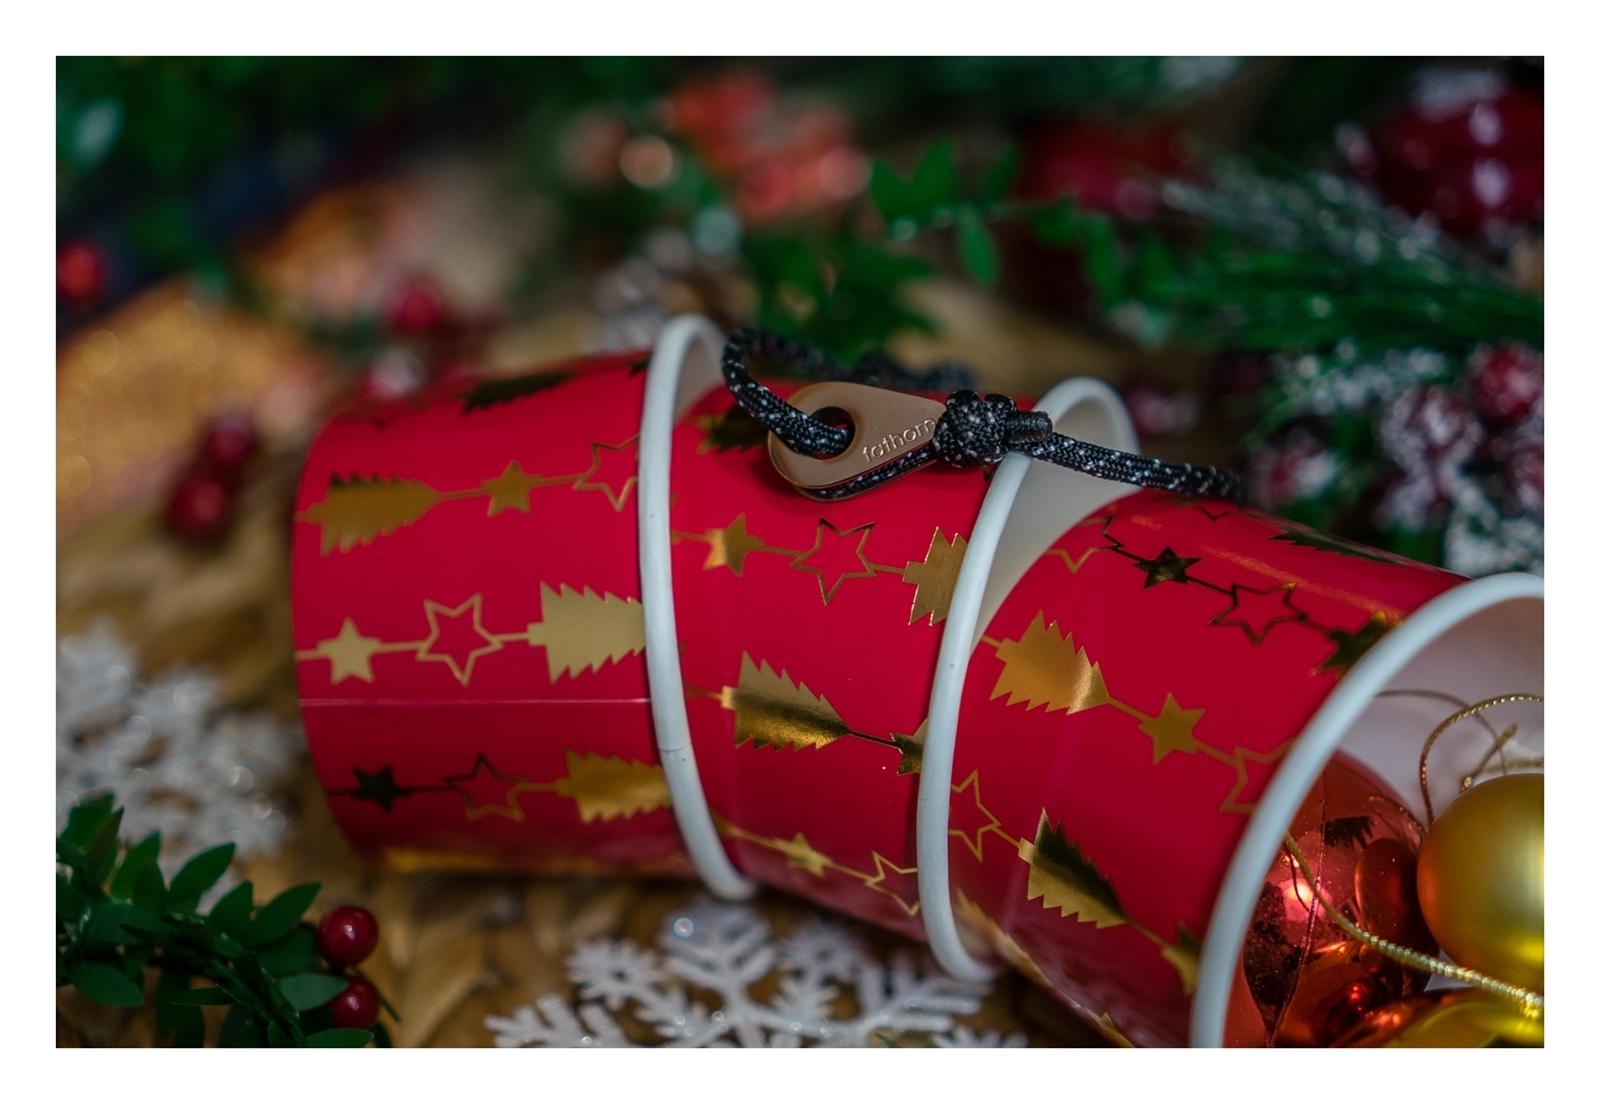 7 Czy prezenty daje się z metką, biżuteria personalizowana, prezent z grawerem z imieniem, jaka bizuteria pod choinke, bożonarodzeniowe prezenty, gwiazdkowe, mikolajkowe pod choinkę przesądy